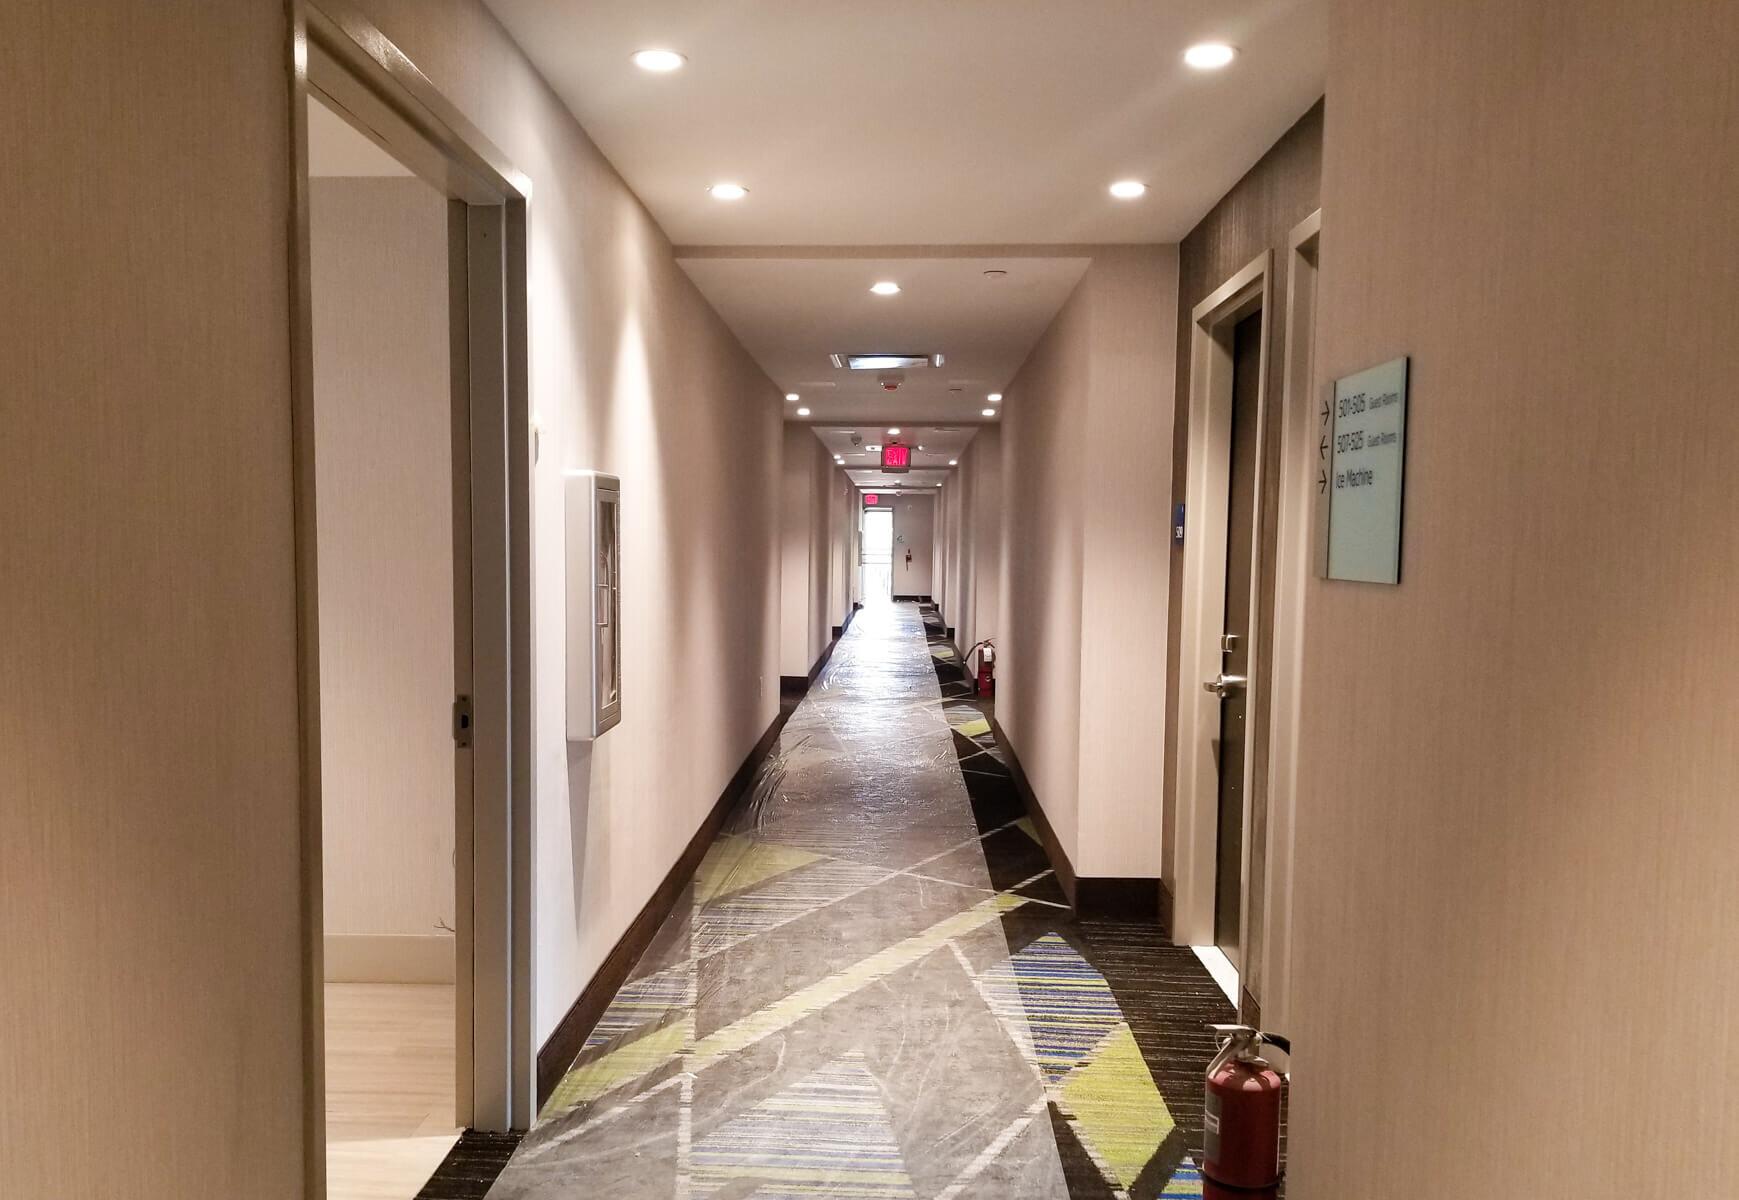 Holiday Inn JC Sept 2019 (19 of 20).JPG